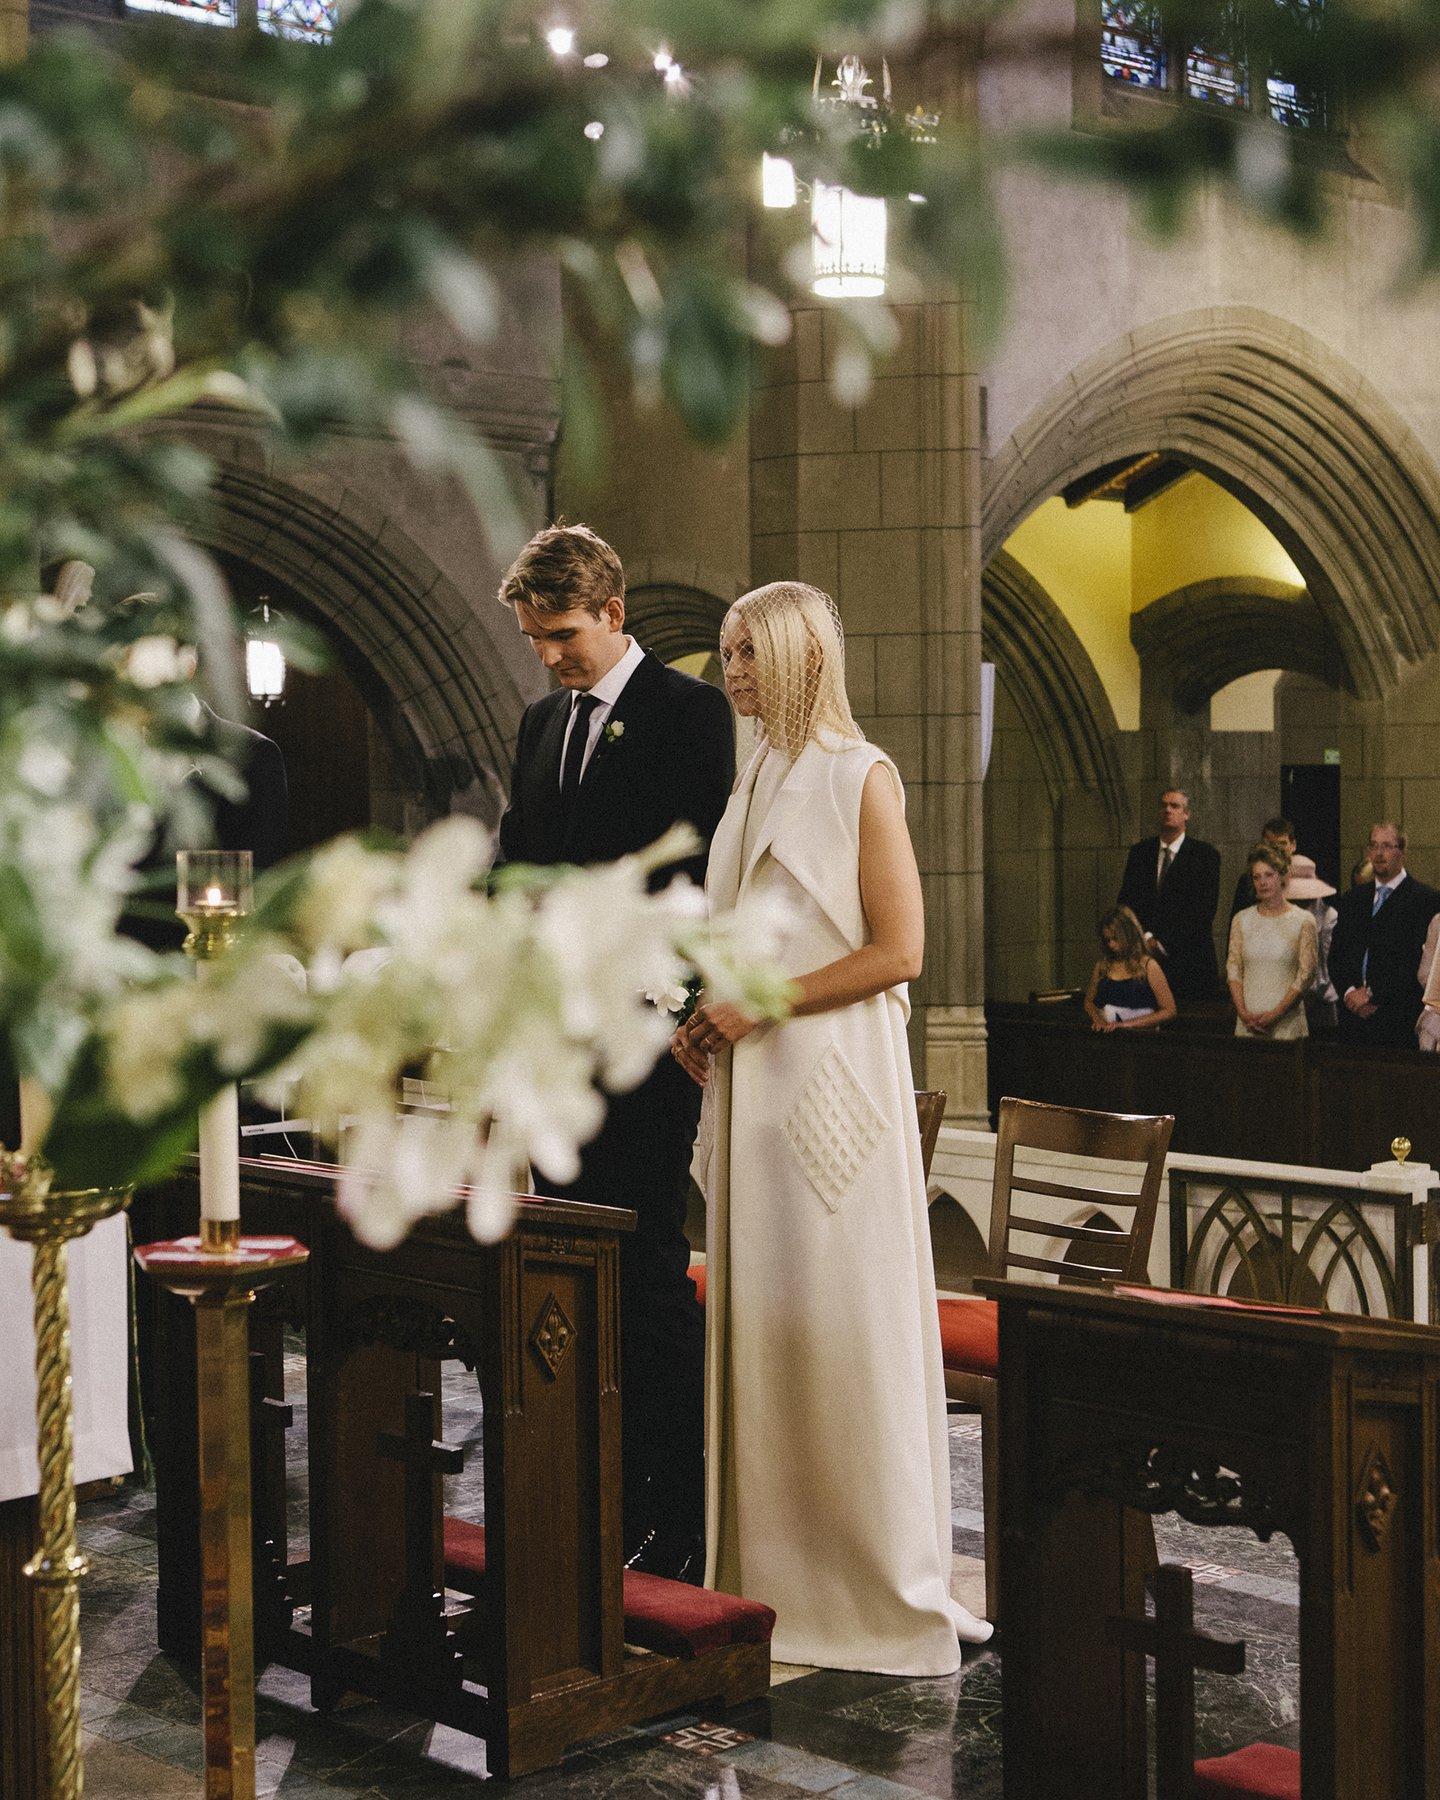 08-karen-kaiser-wedding-fionn-07.jpg